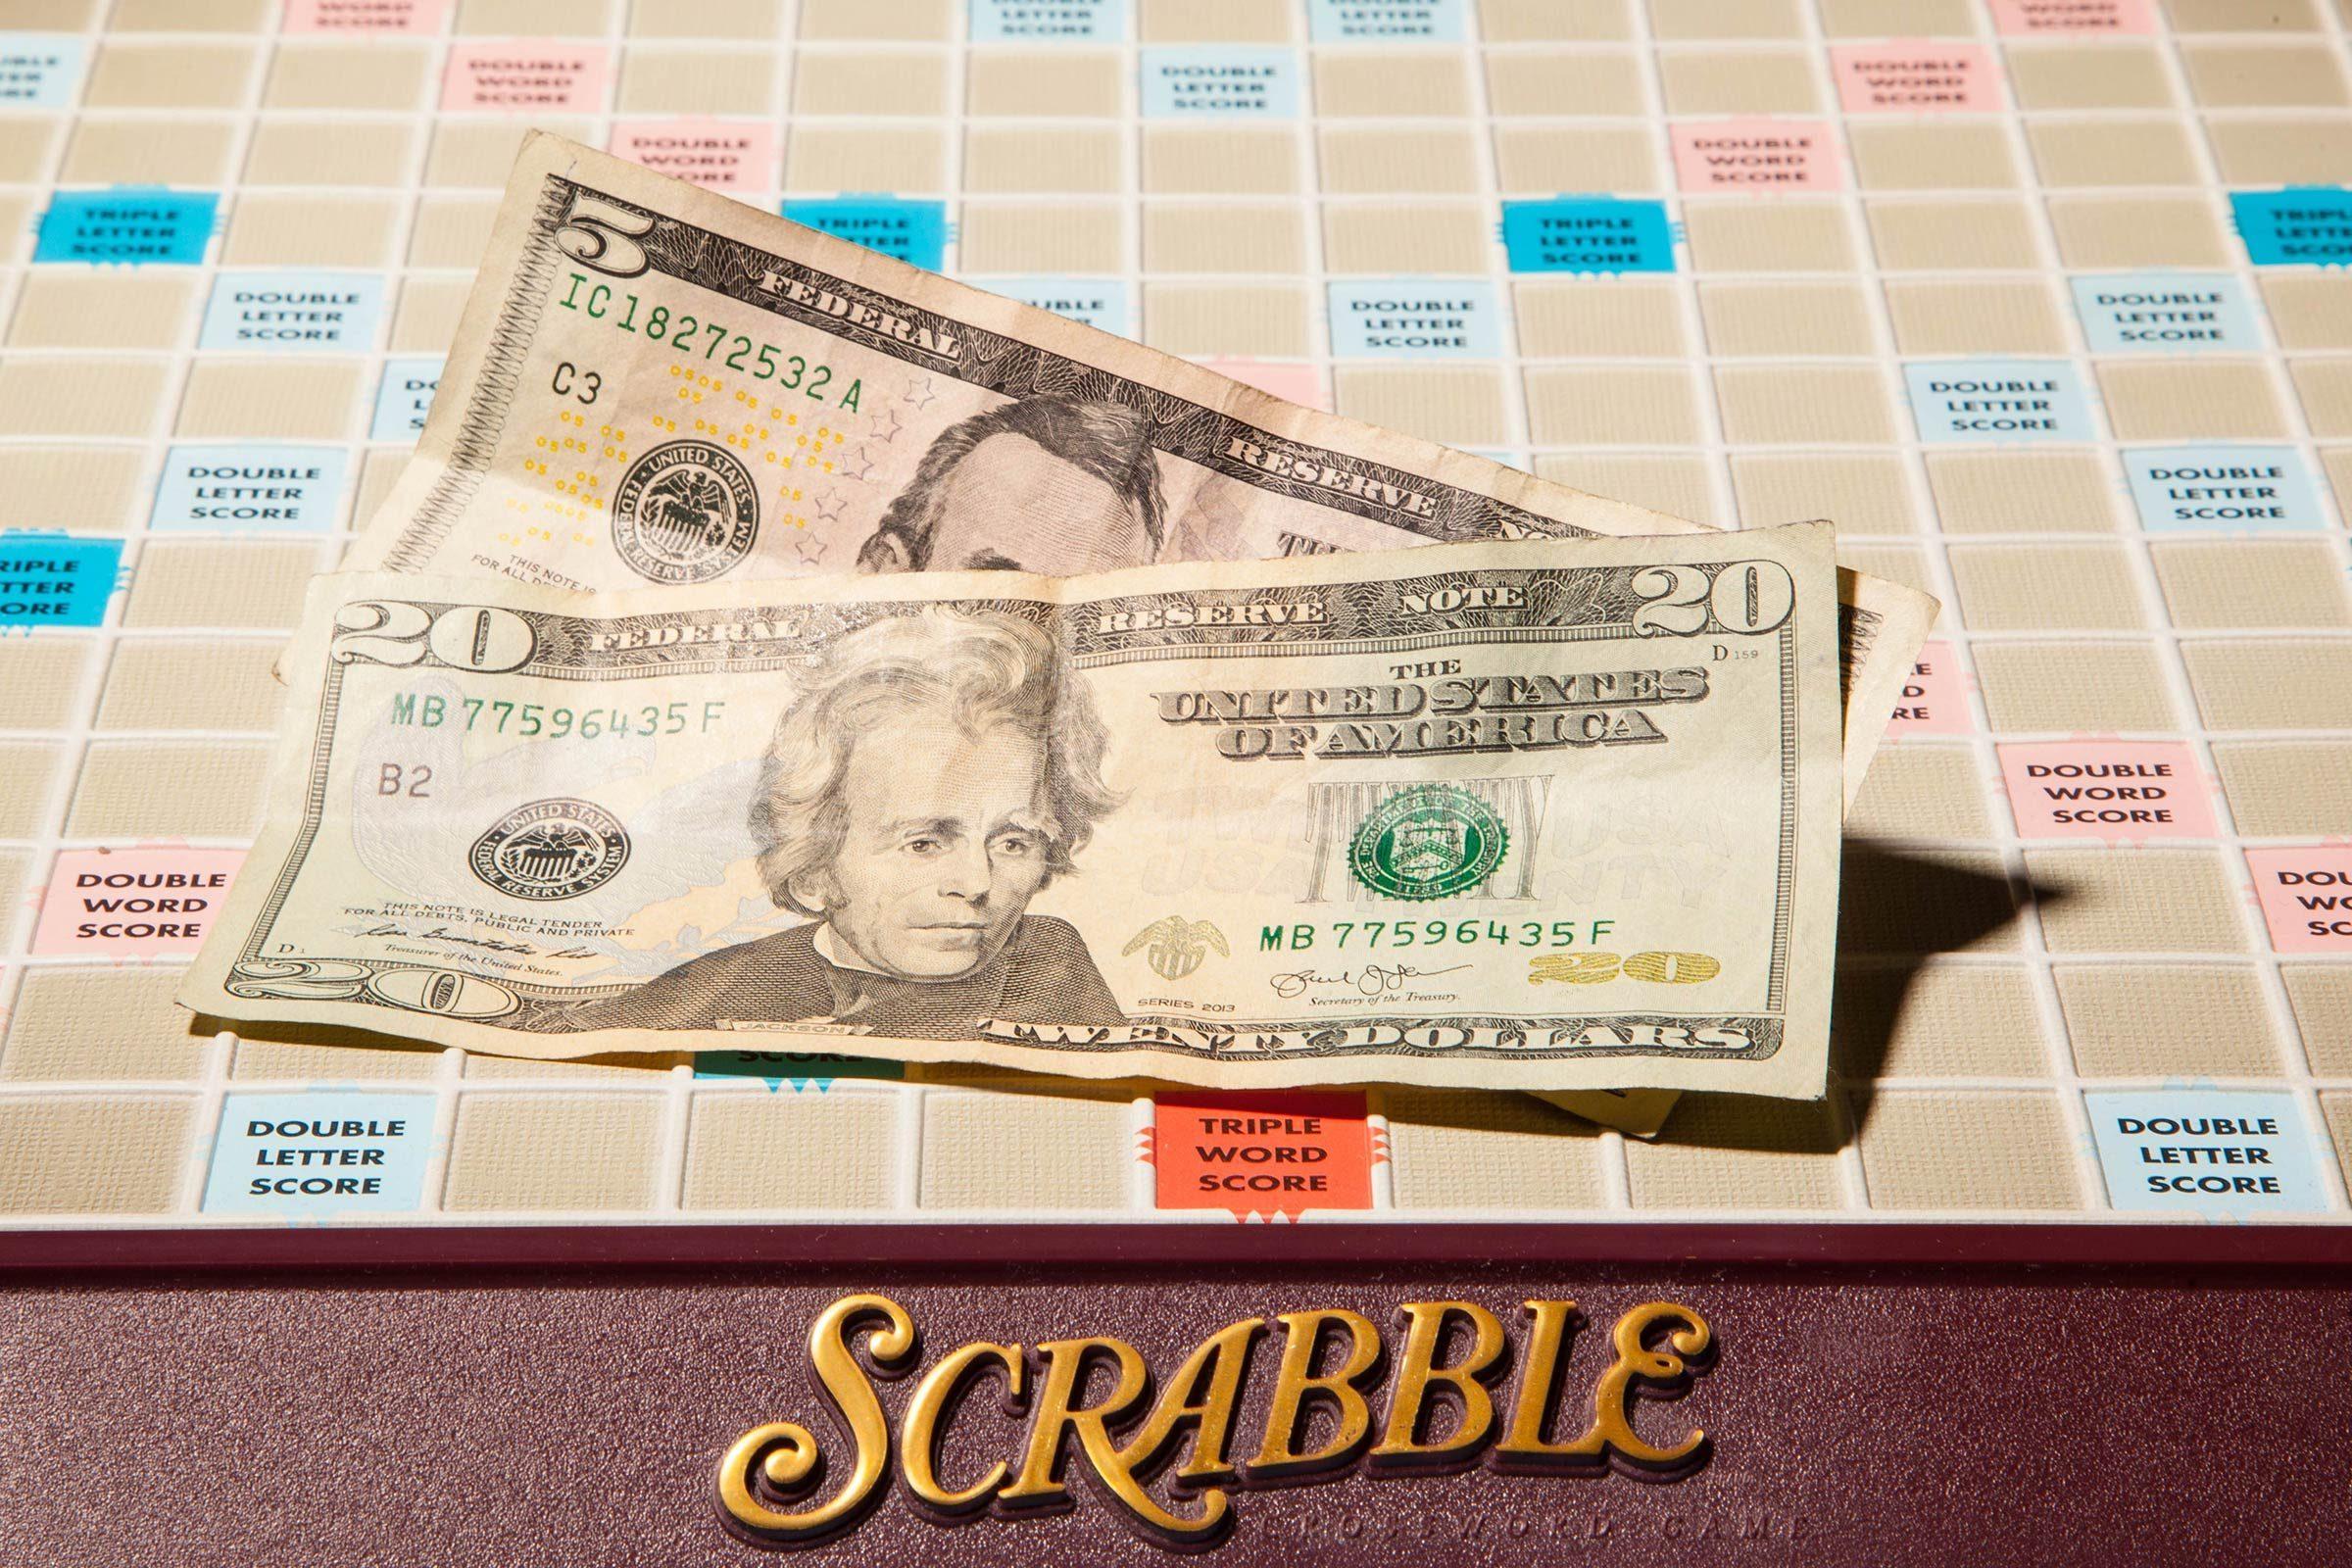 scrabble game show cash